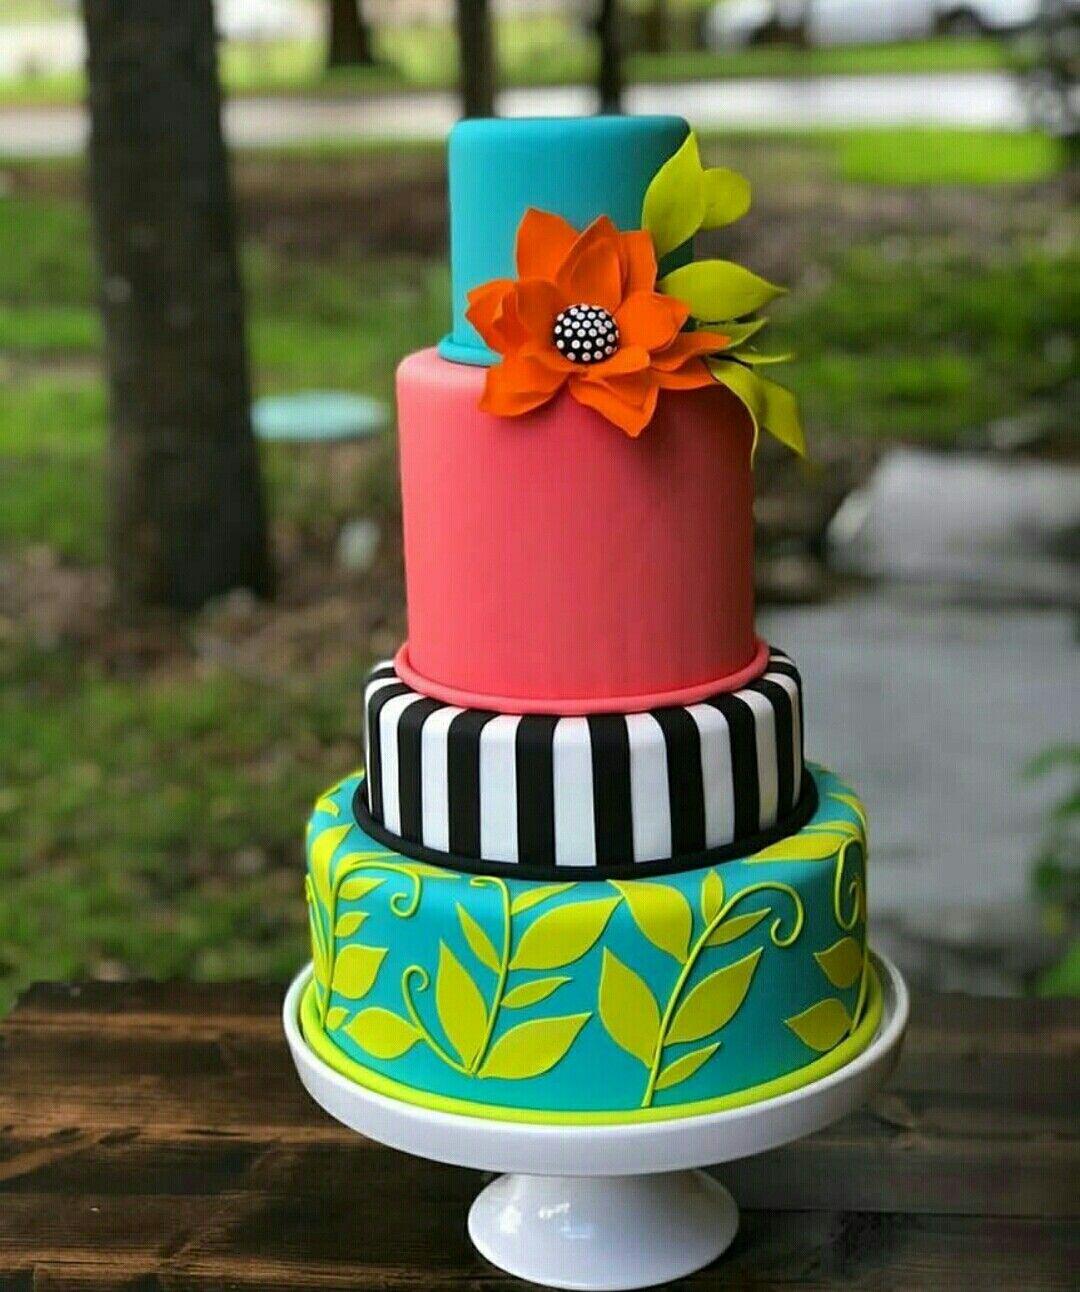 كيك الوان Cake Lover Colorful Cakes Cake